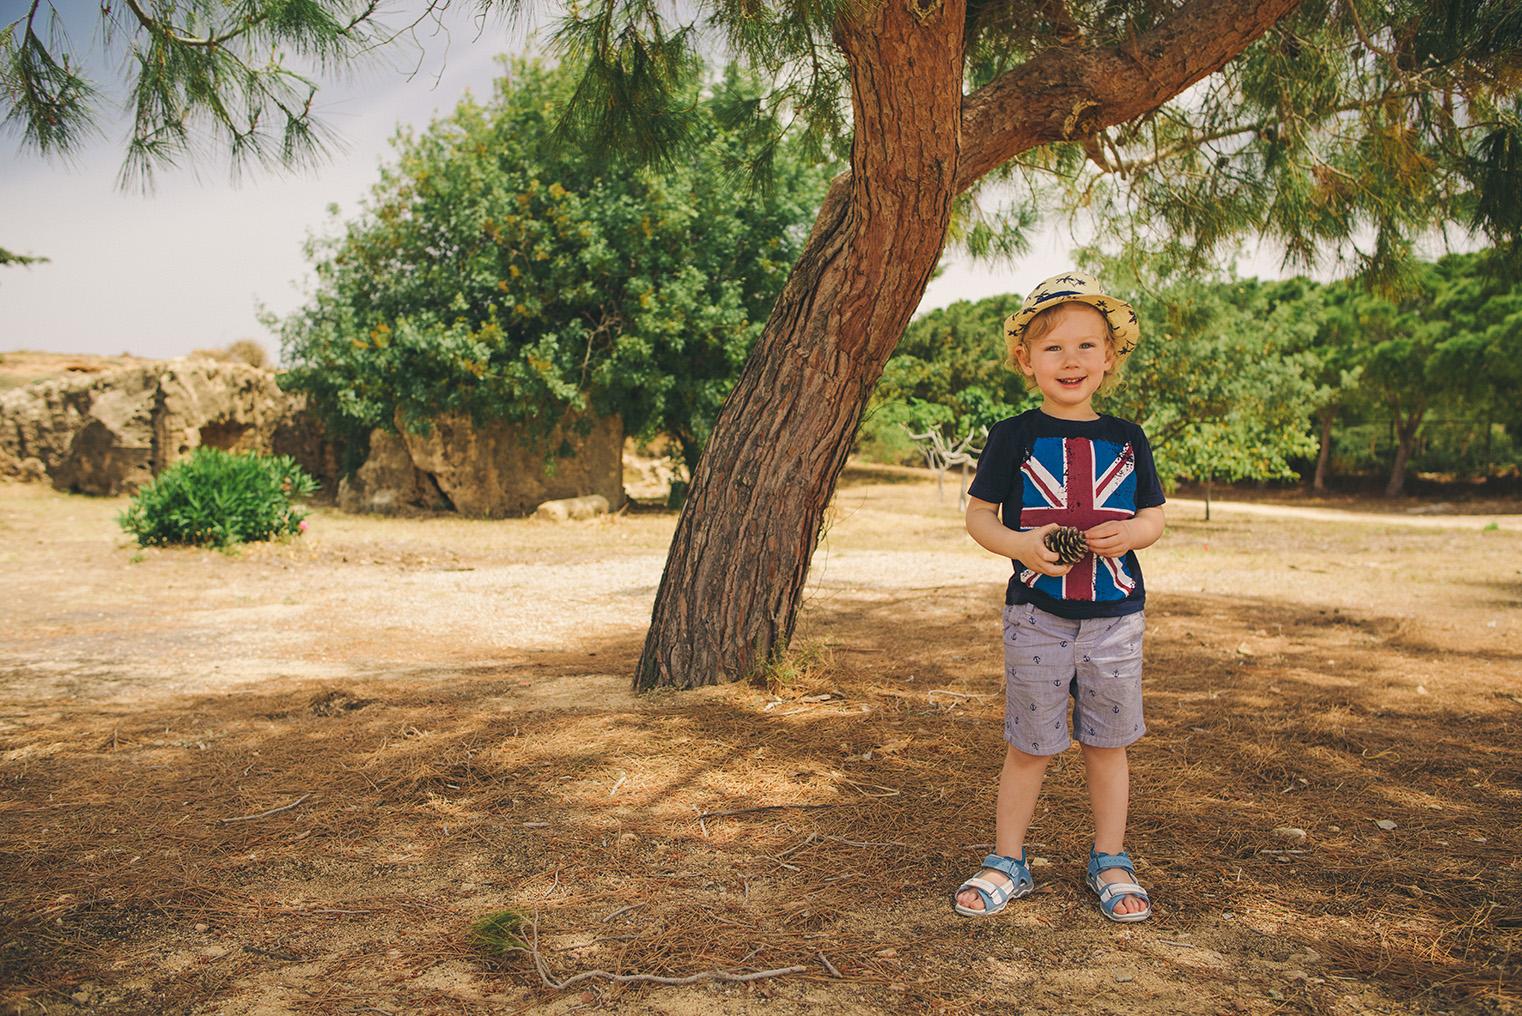 04.Groby Krolewskie Pafos - Cypr - podroz z dzieckiem